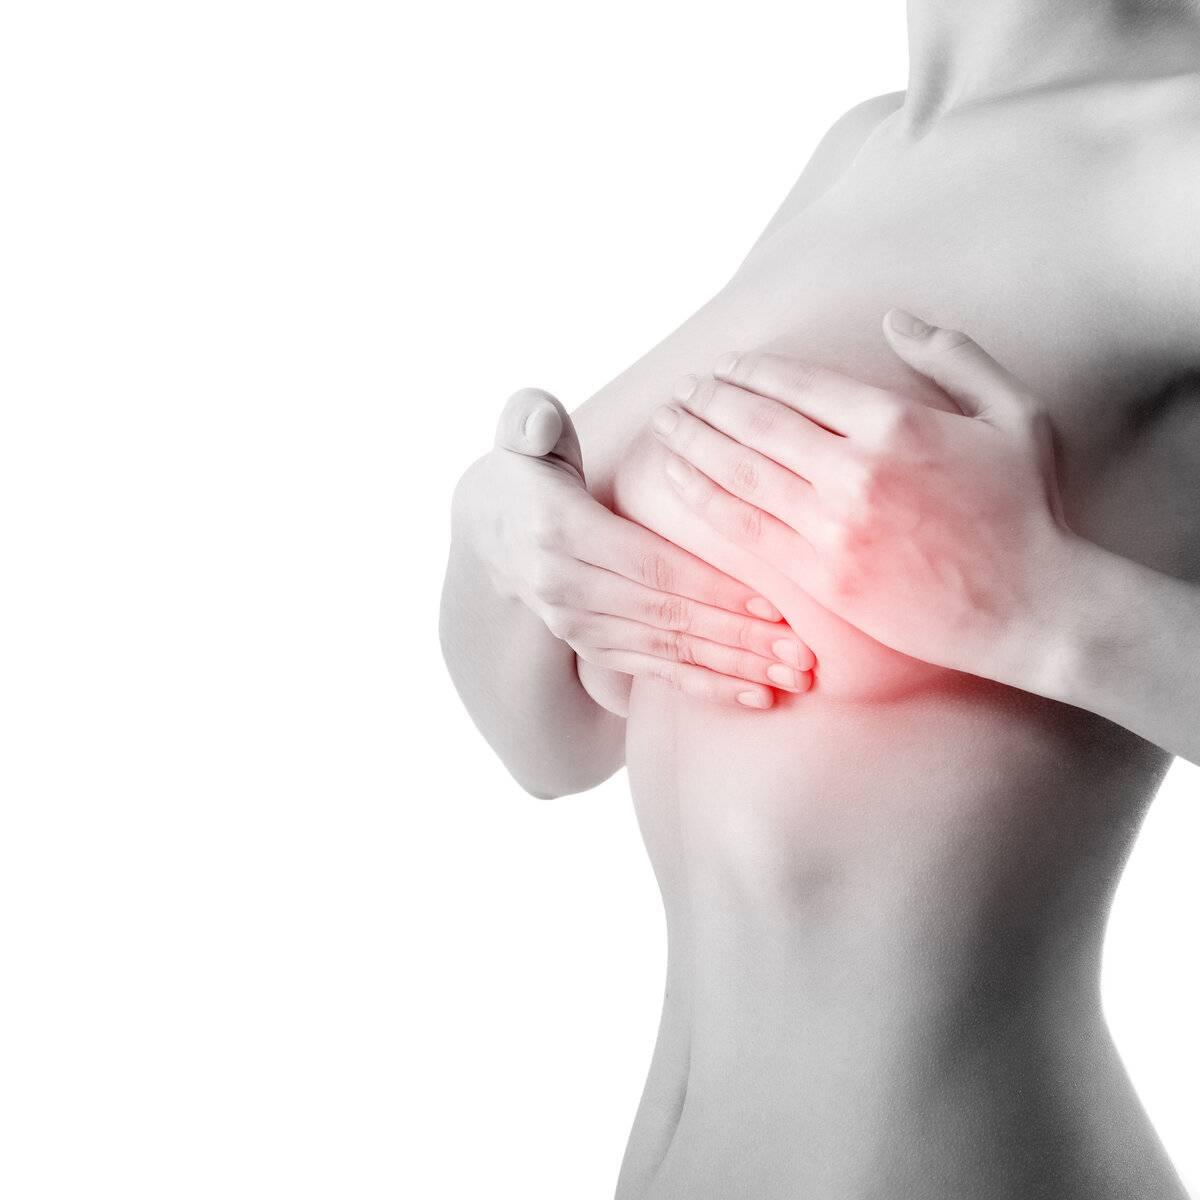 ᐉ мастопатия симптомы и лечение при климаксе народные средства - sp-medic.ru